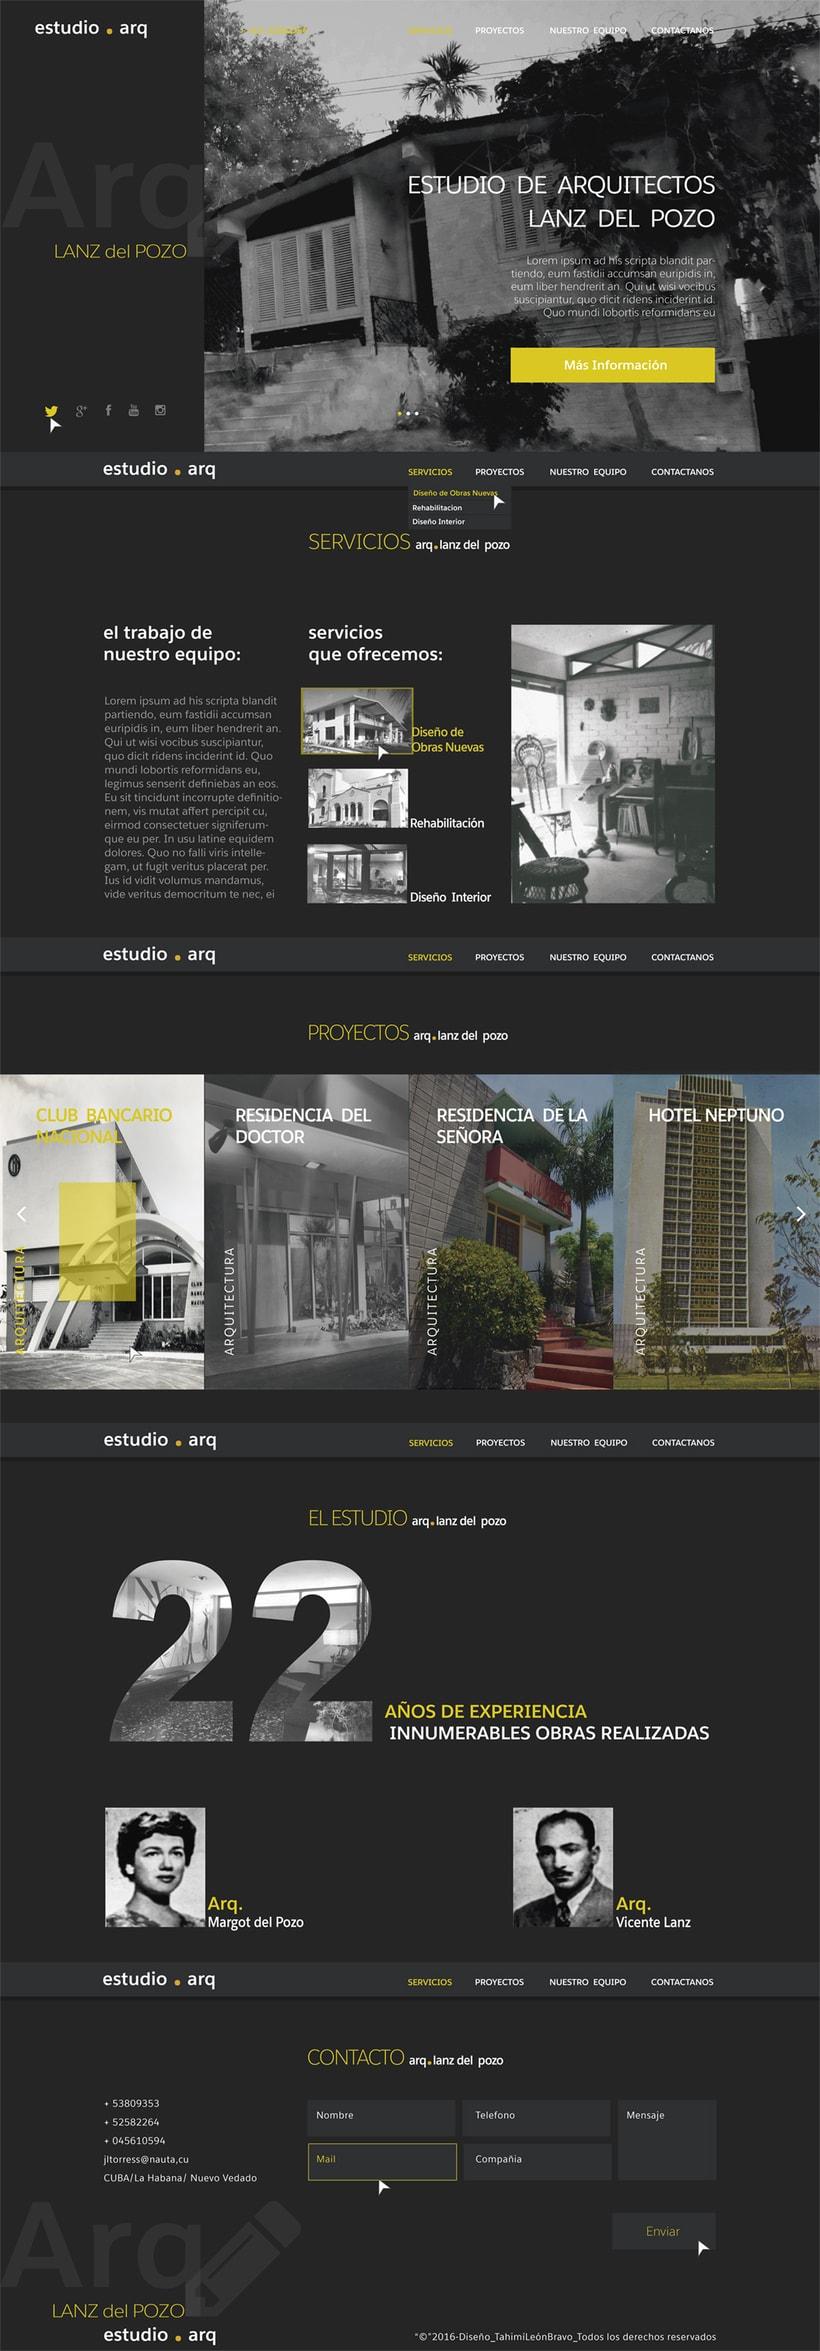 Diseño web para estudio de arquitectos Lanz del Pozo  -1